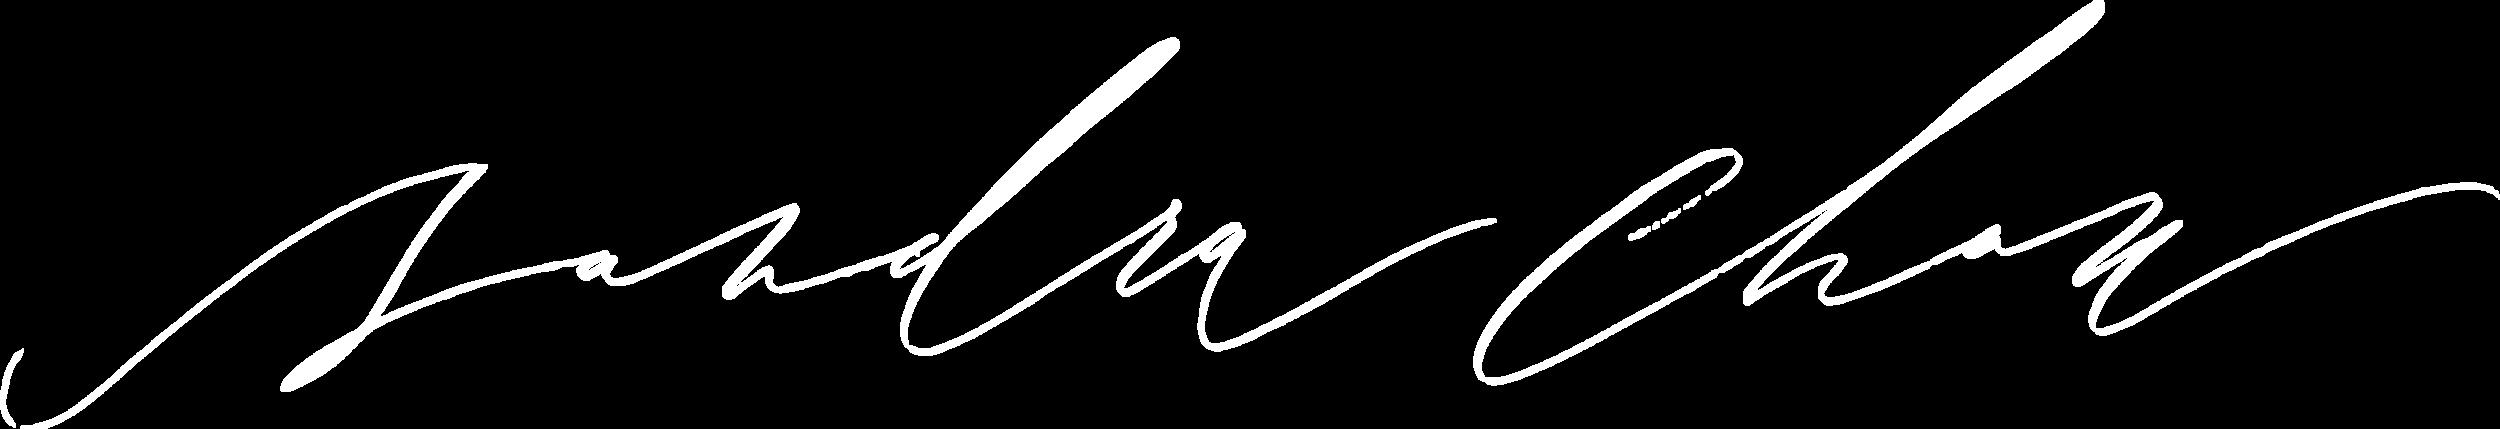 schau-logo-white.png